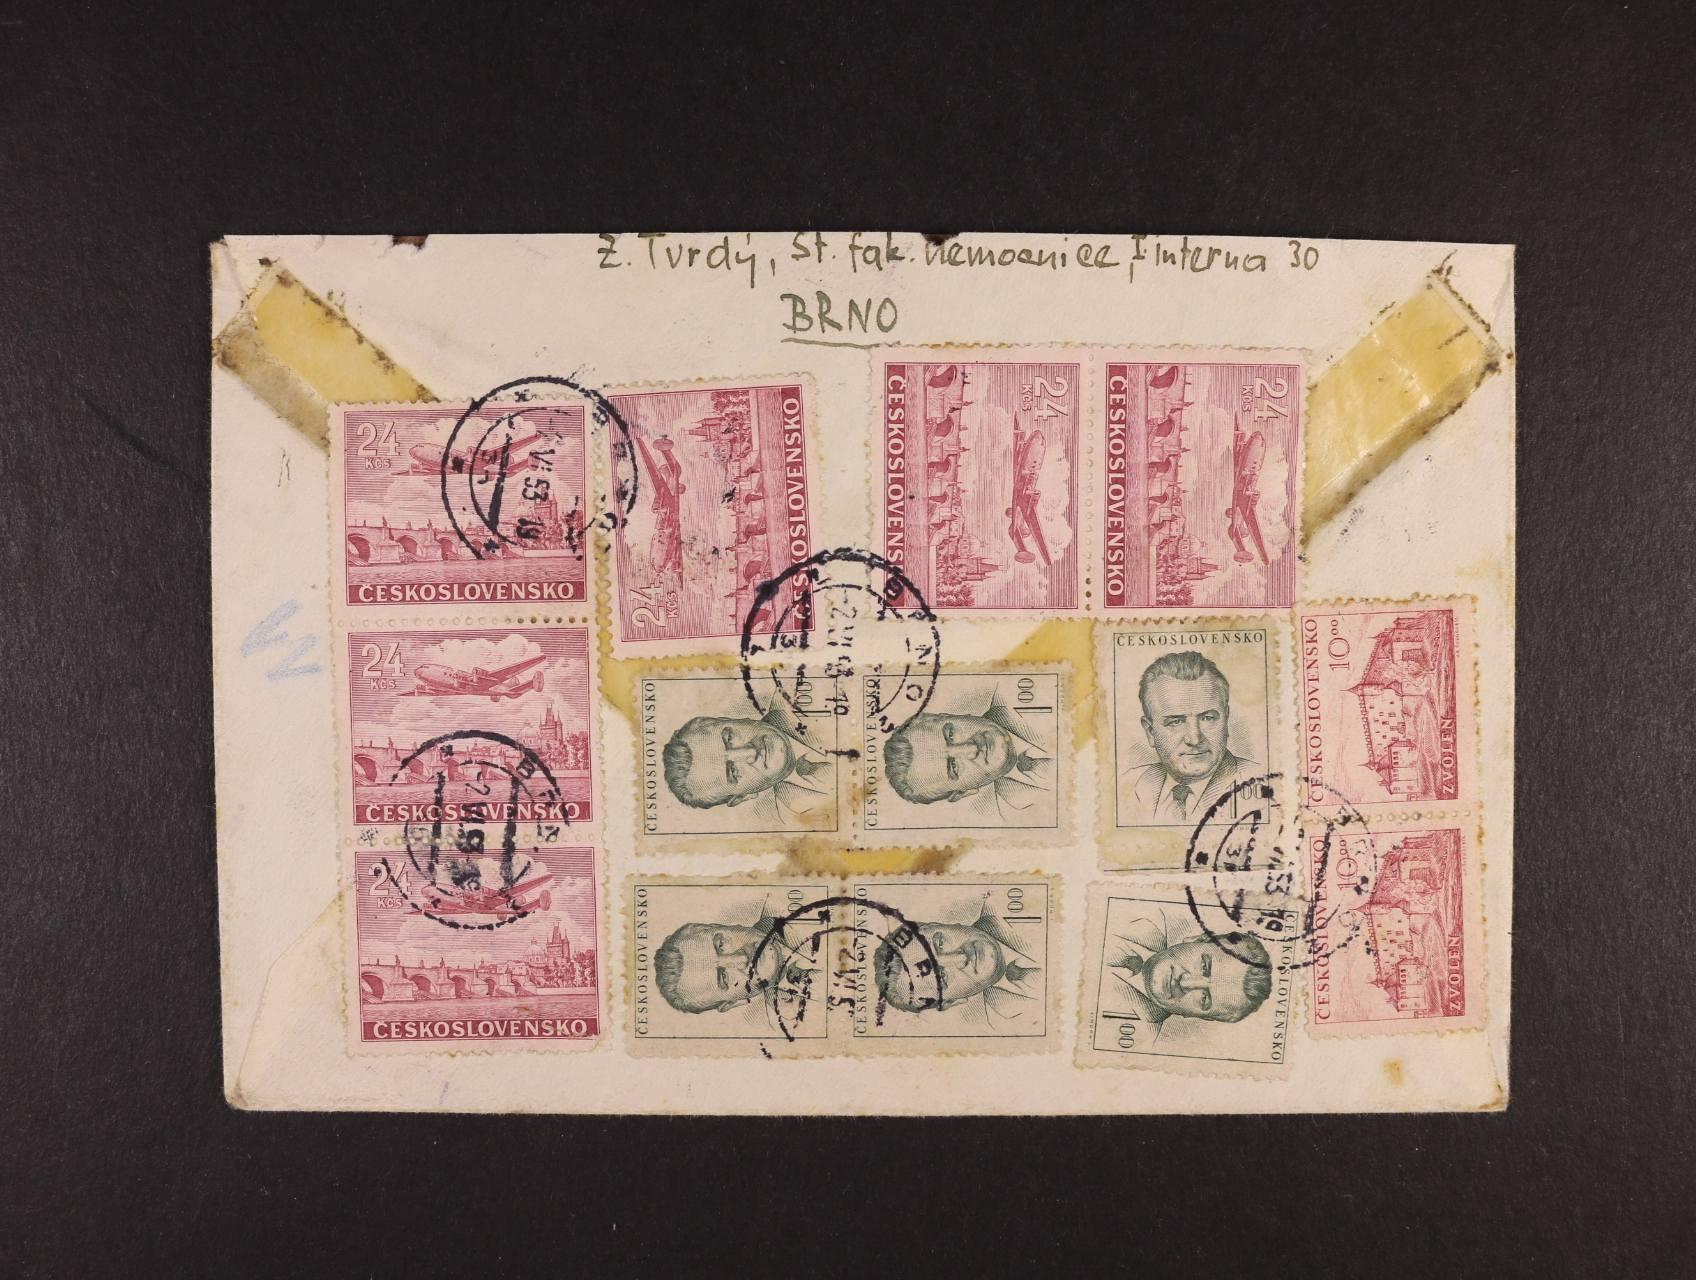 R-EXPRES dopis do Trenčína frank. na přední straně zn. č. 702 (10x), na zadní str. zn. 666 (6x), 521 (2x), L 23 (6x), pod. raz. BRNO 2  2.6.53, zajímavé, k prohlédnutí